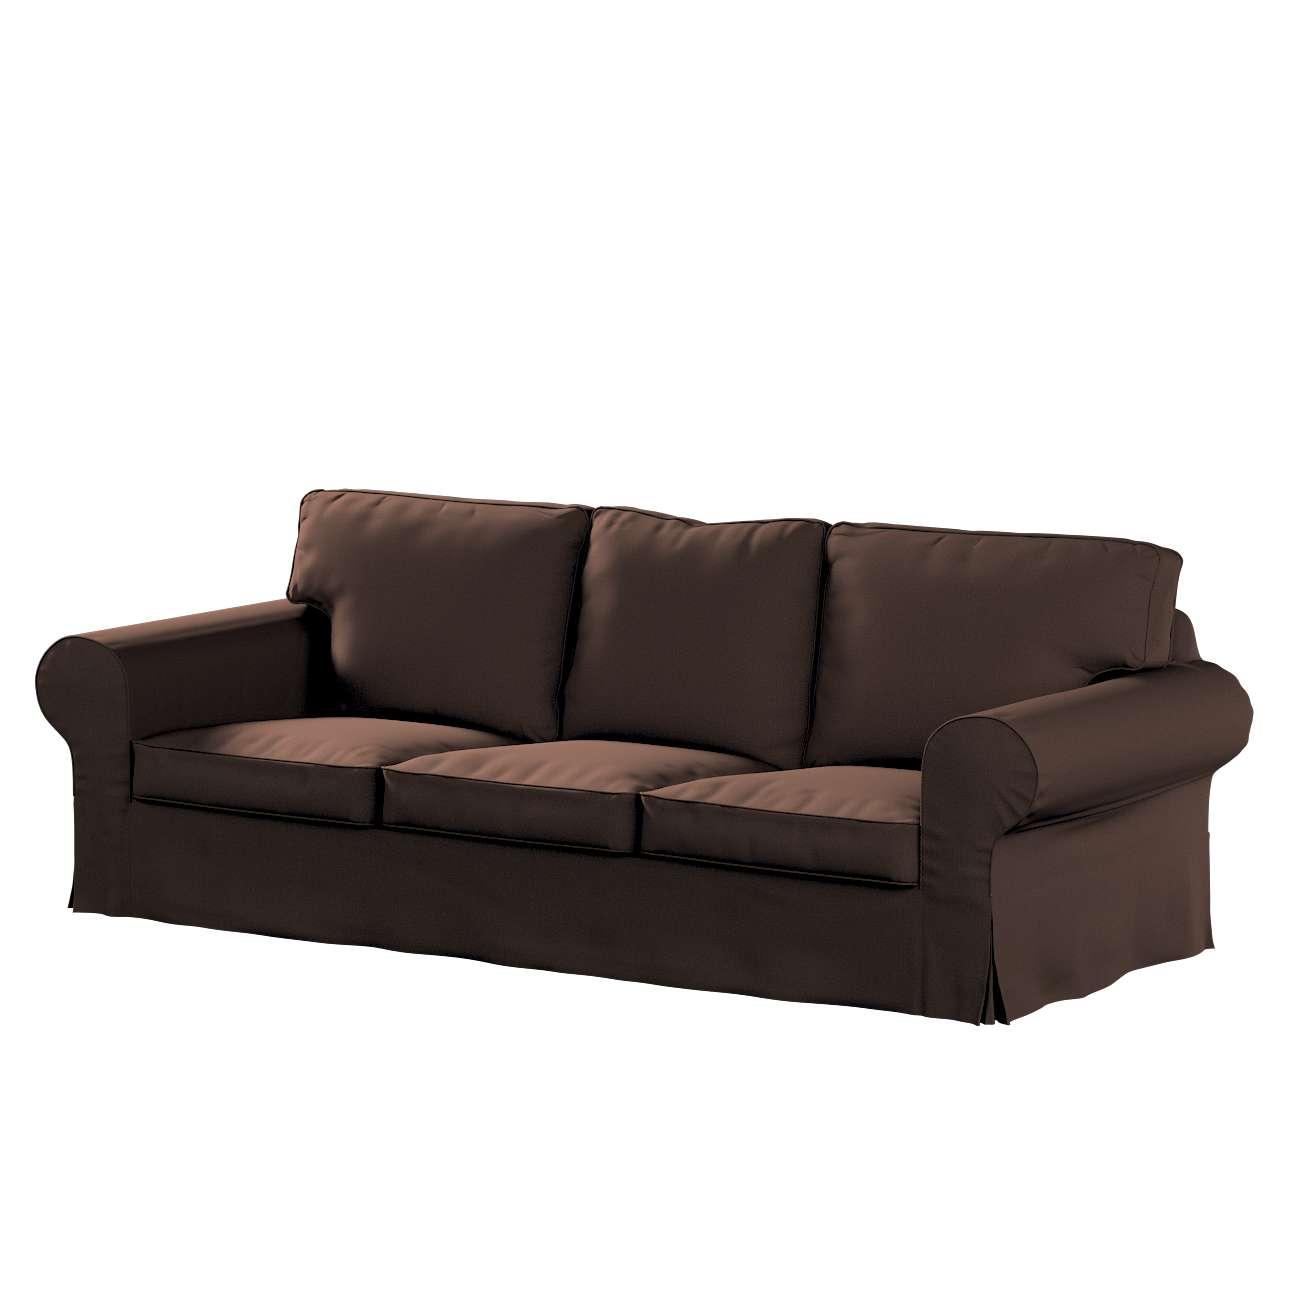 Pokrowiec na sofę Ektorp 3-osobową, nierozkładaną w kolekcji Bergen, tkanina: 161-73